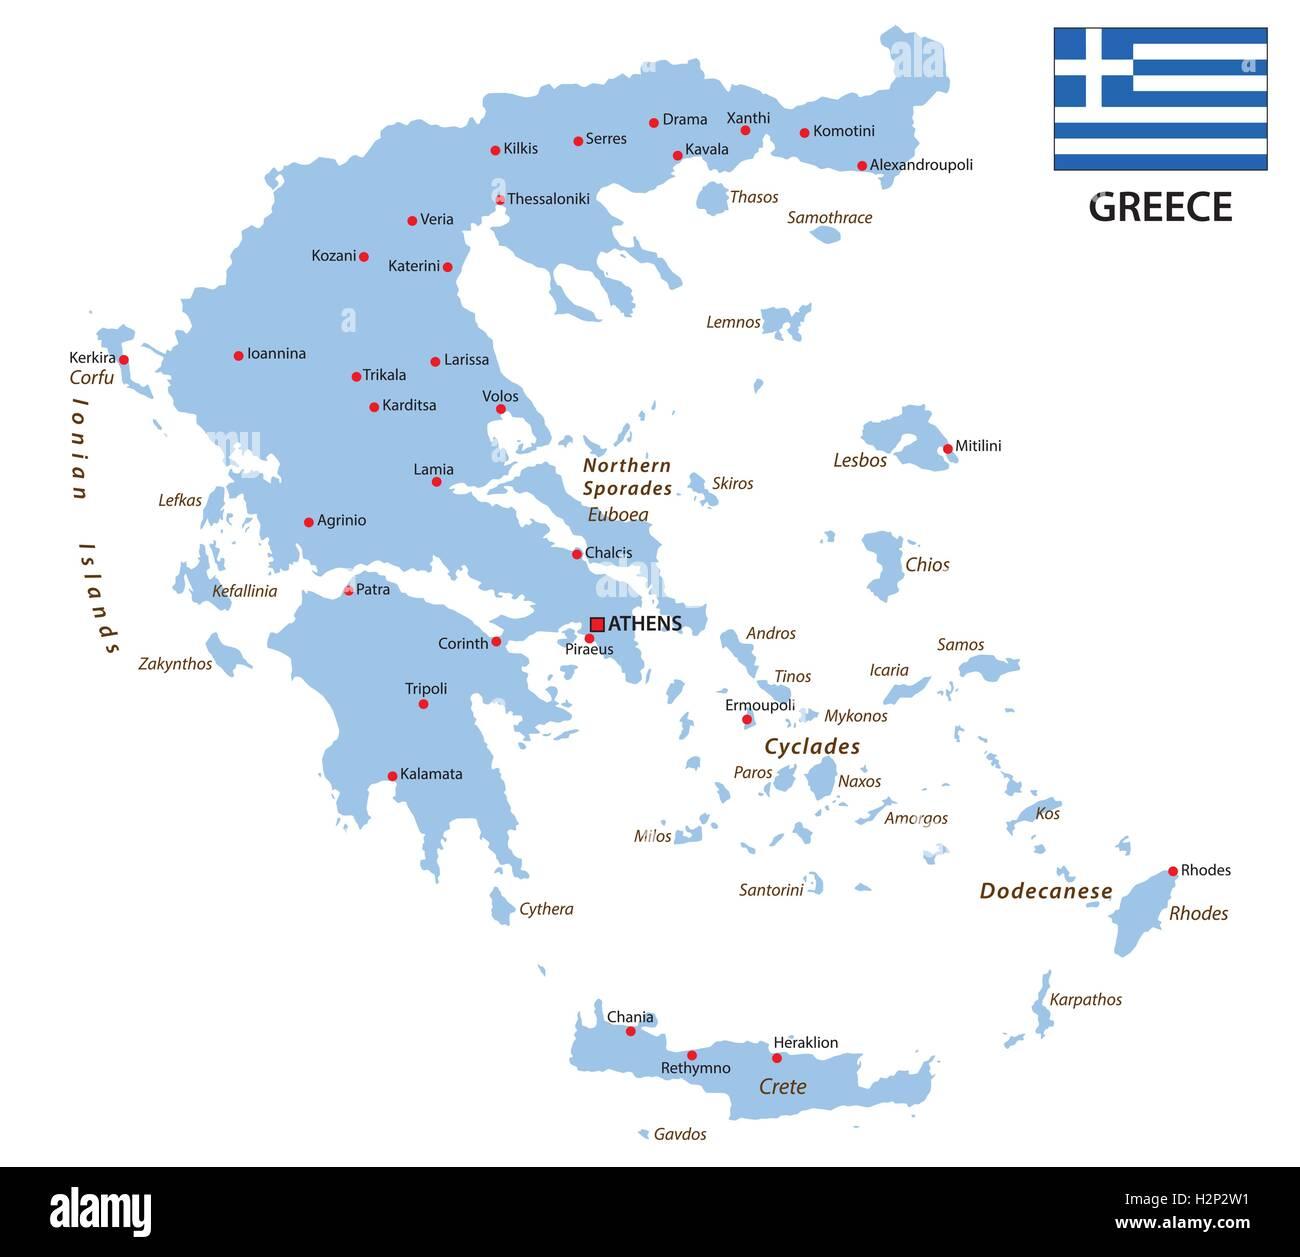 Greece Map Stock Photos & Greece Map Stock Images - Alamy